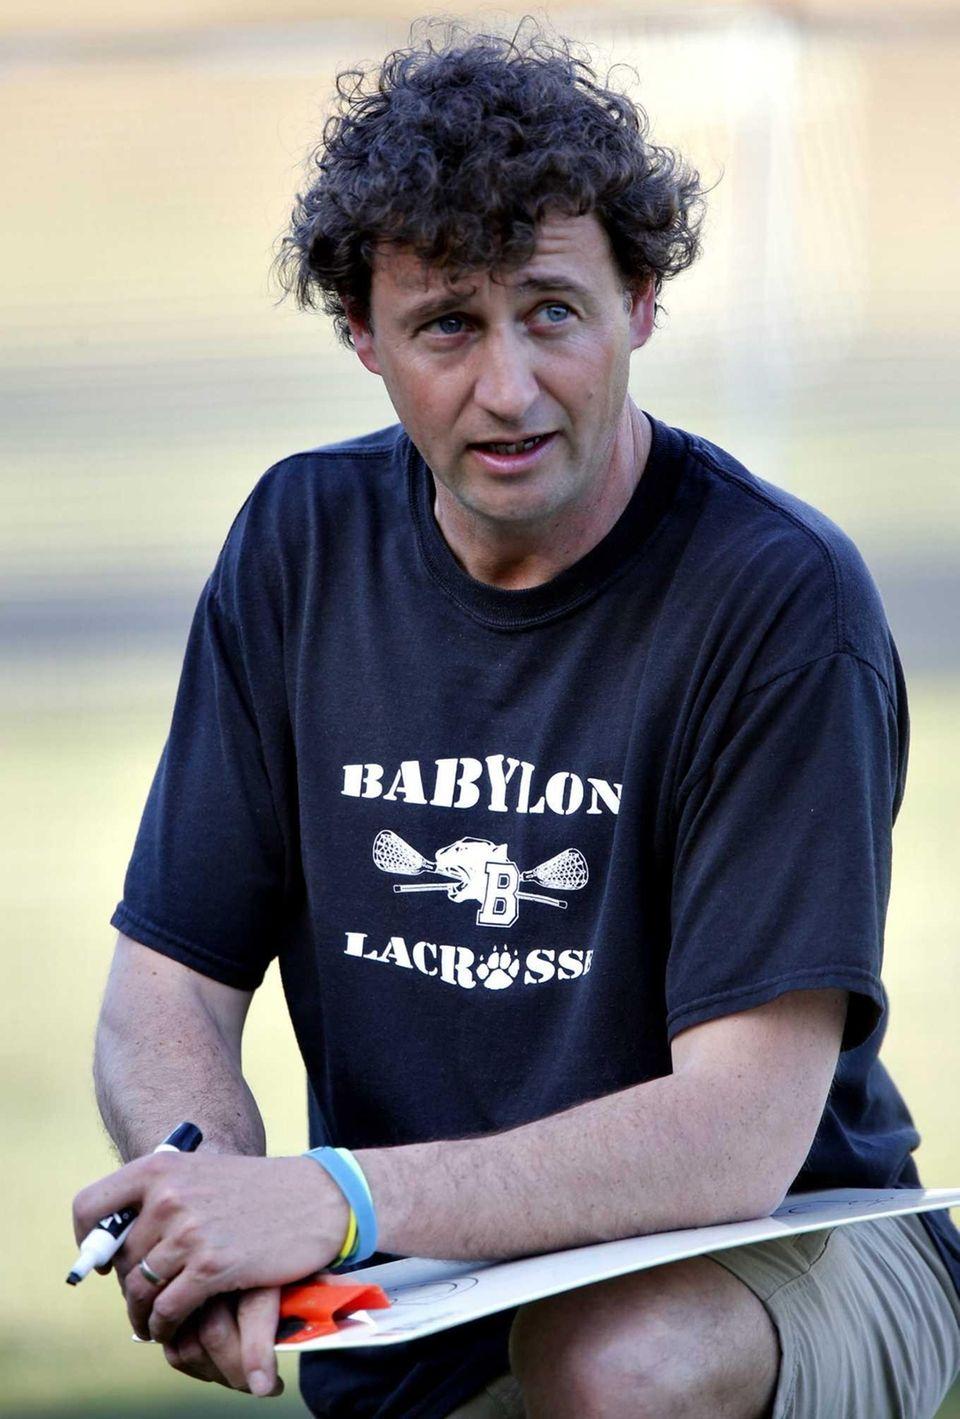 Babylon girls lacrosse head coach Timothy Harrison speaks